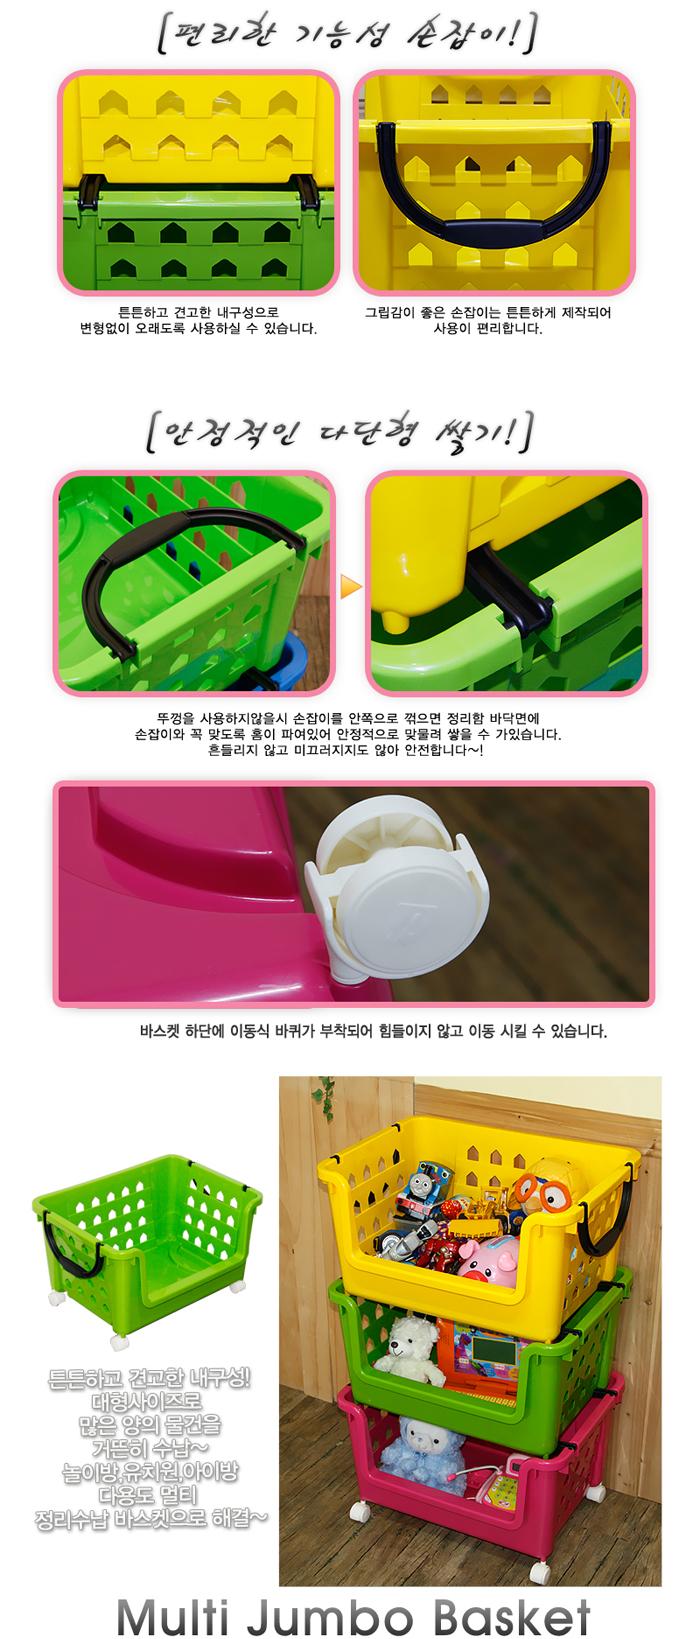 [탱크수납장] 장난감정리함 이동식멀티바스켓 초대형 1단-핑크 - 그린나래리빙, 21,900원, 가구, 정리함